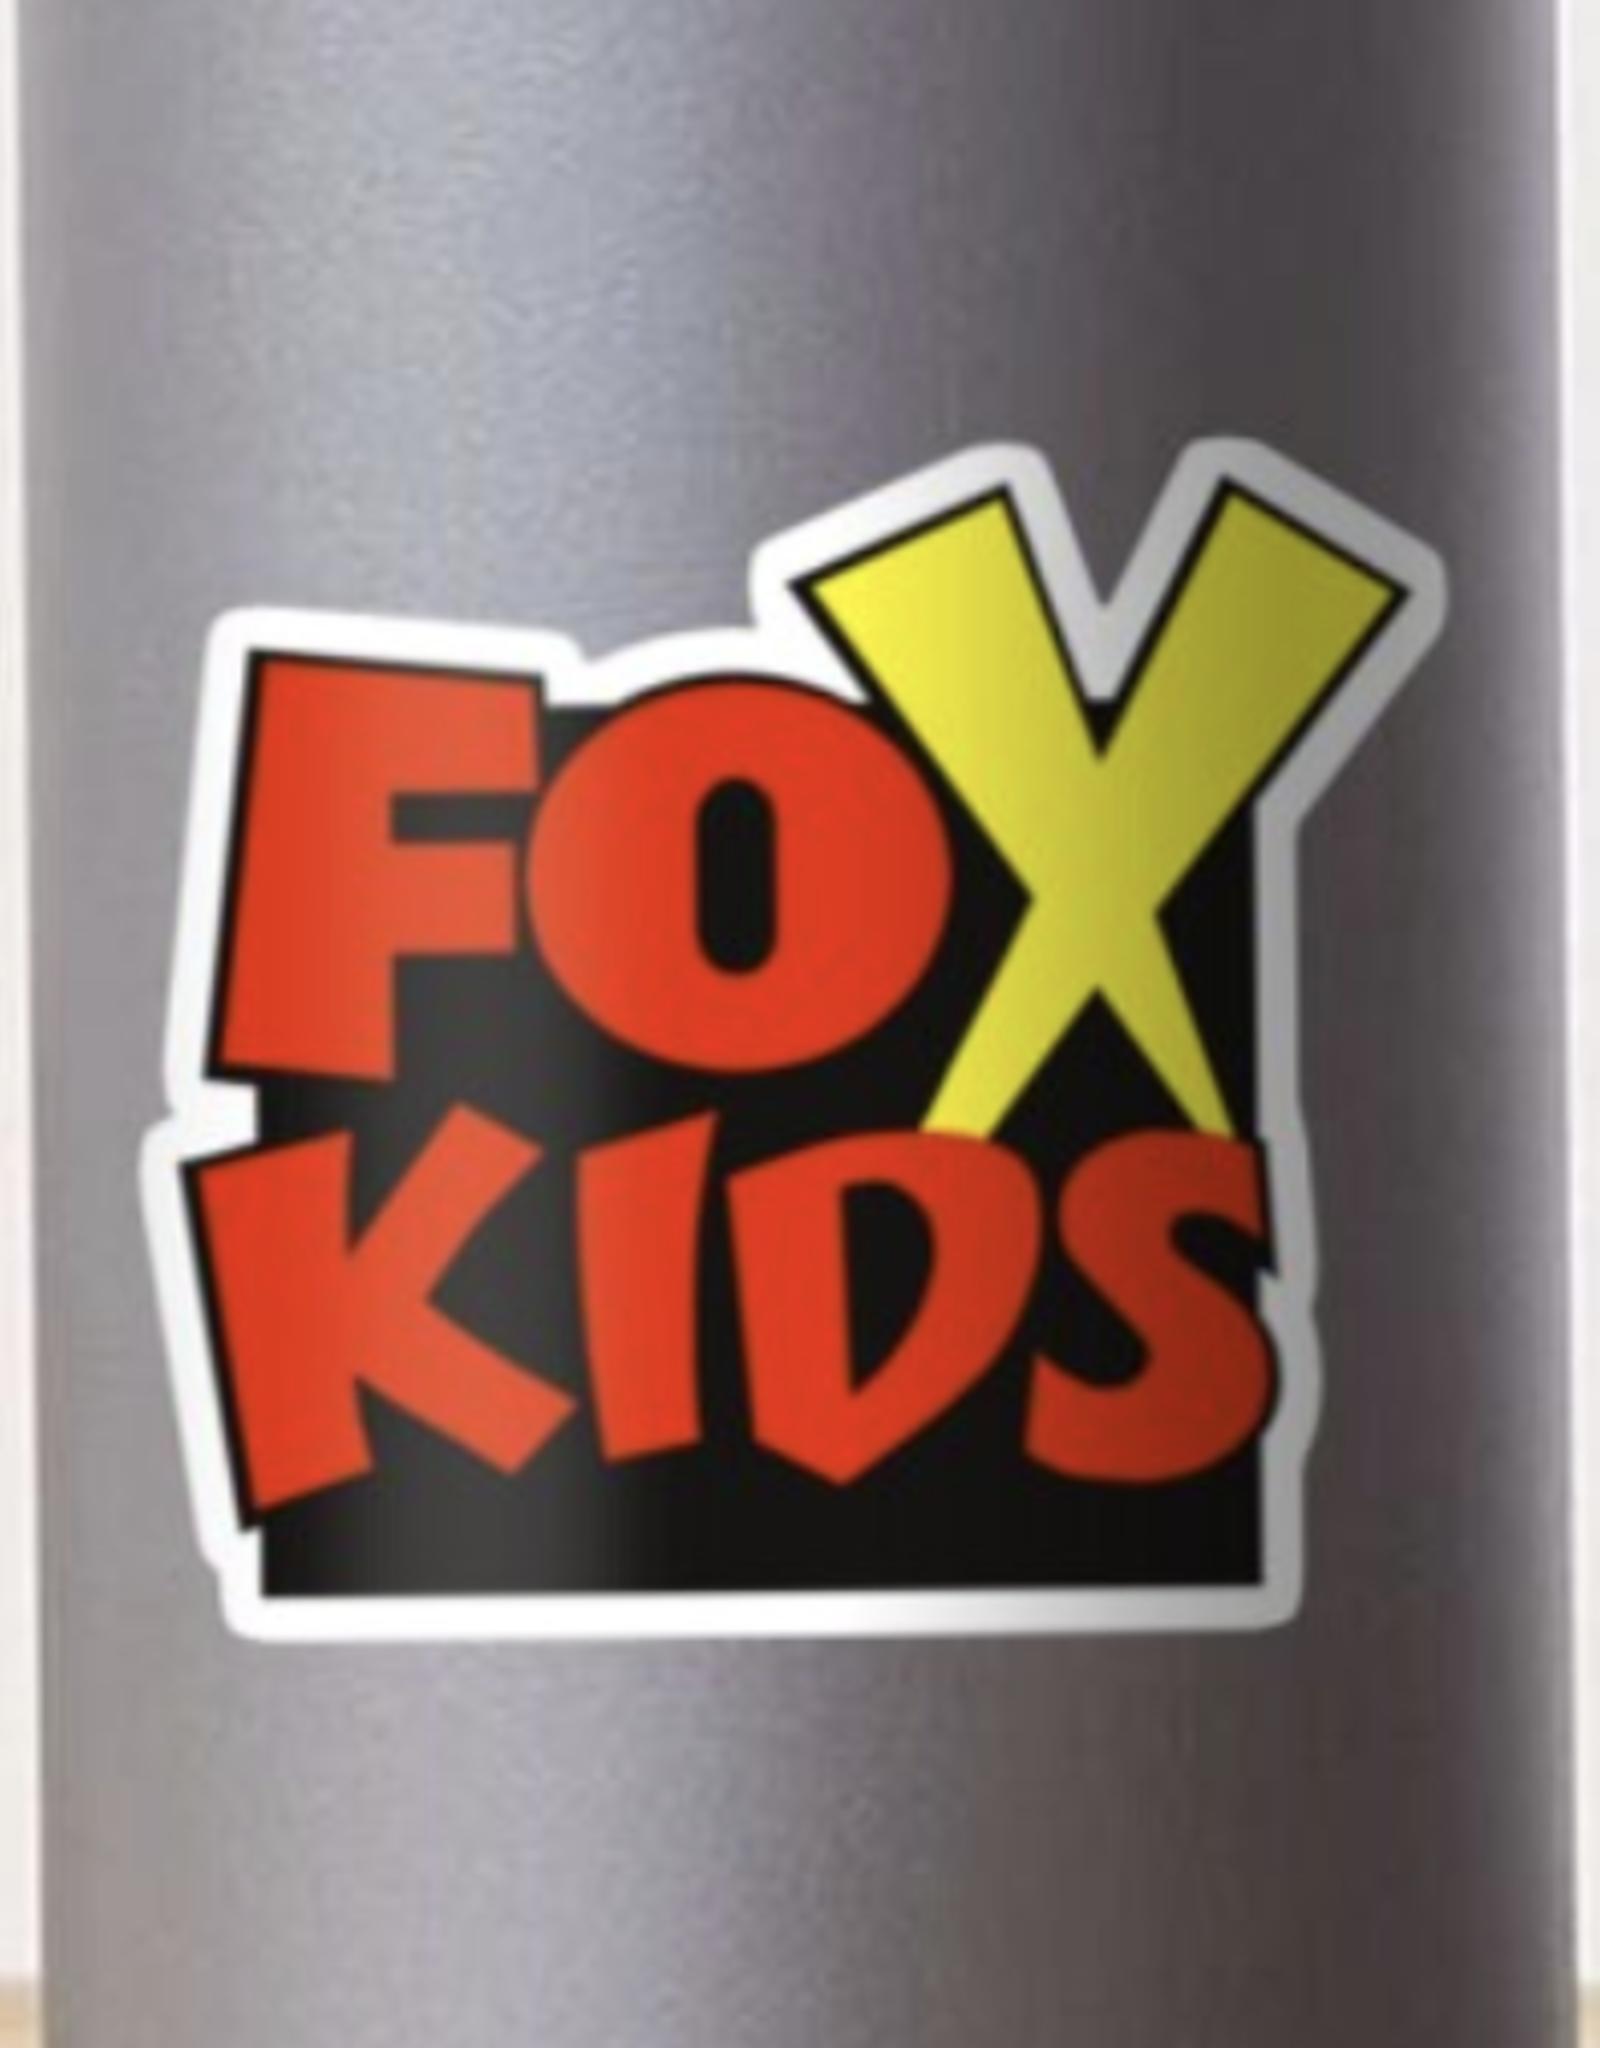 Fox Kids! Sticker